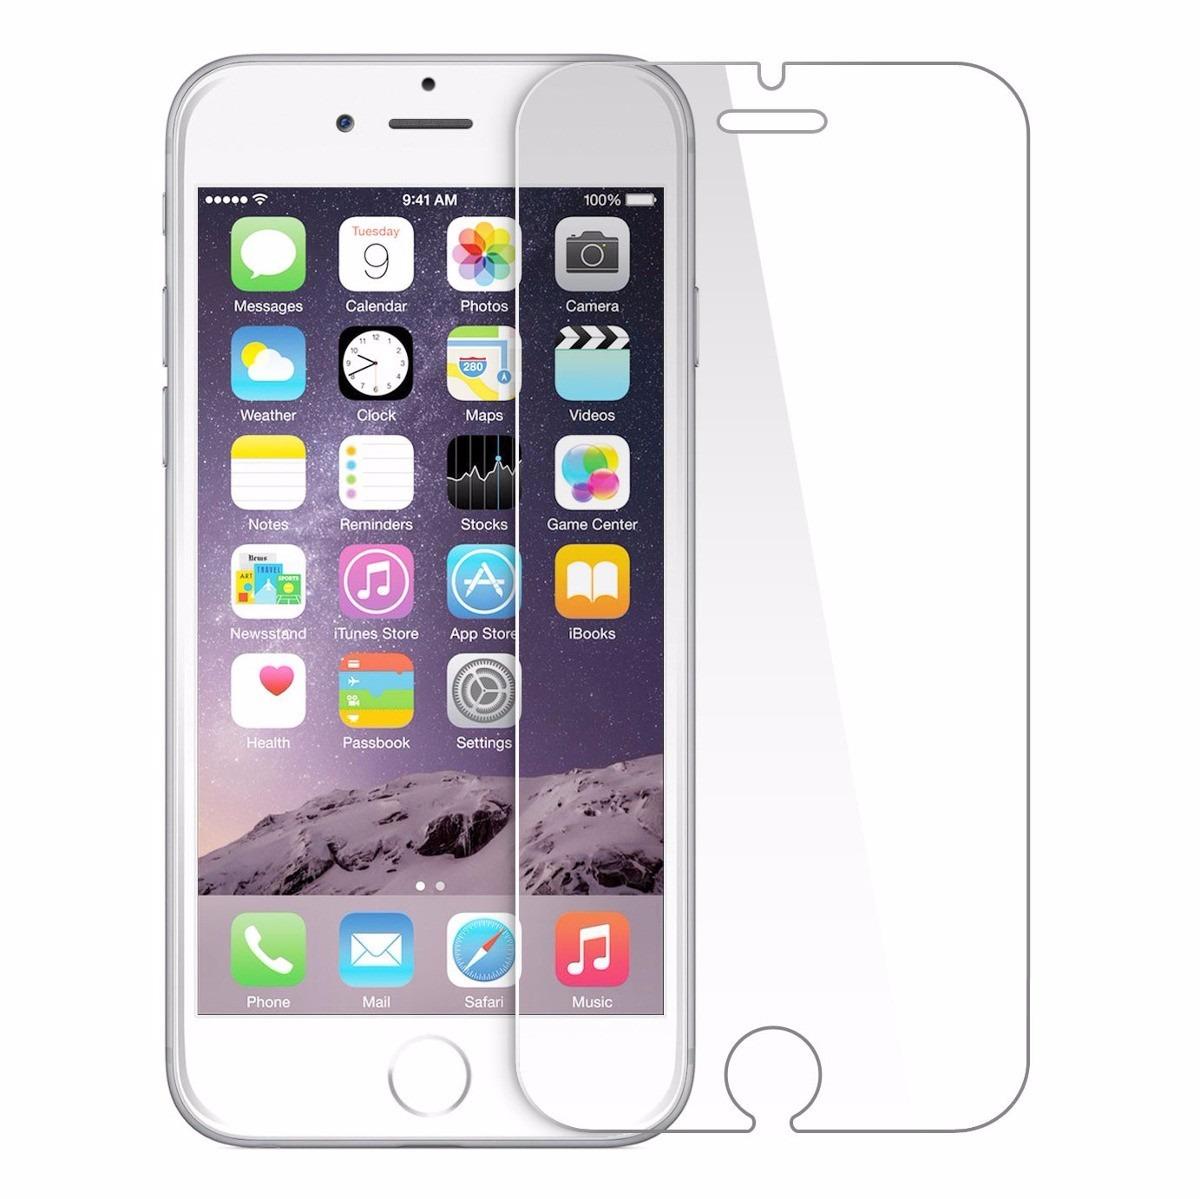 f51b2cf28f7 Mica Vidrio Cristal Templado 9h Para iPhone 5, 5s, 5c - $ 25.00 en ...